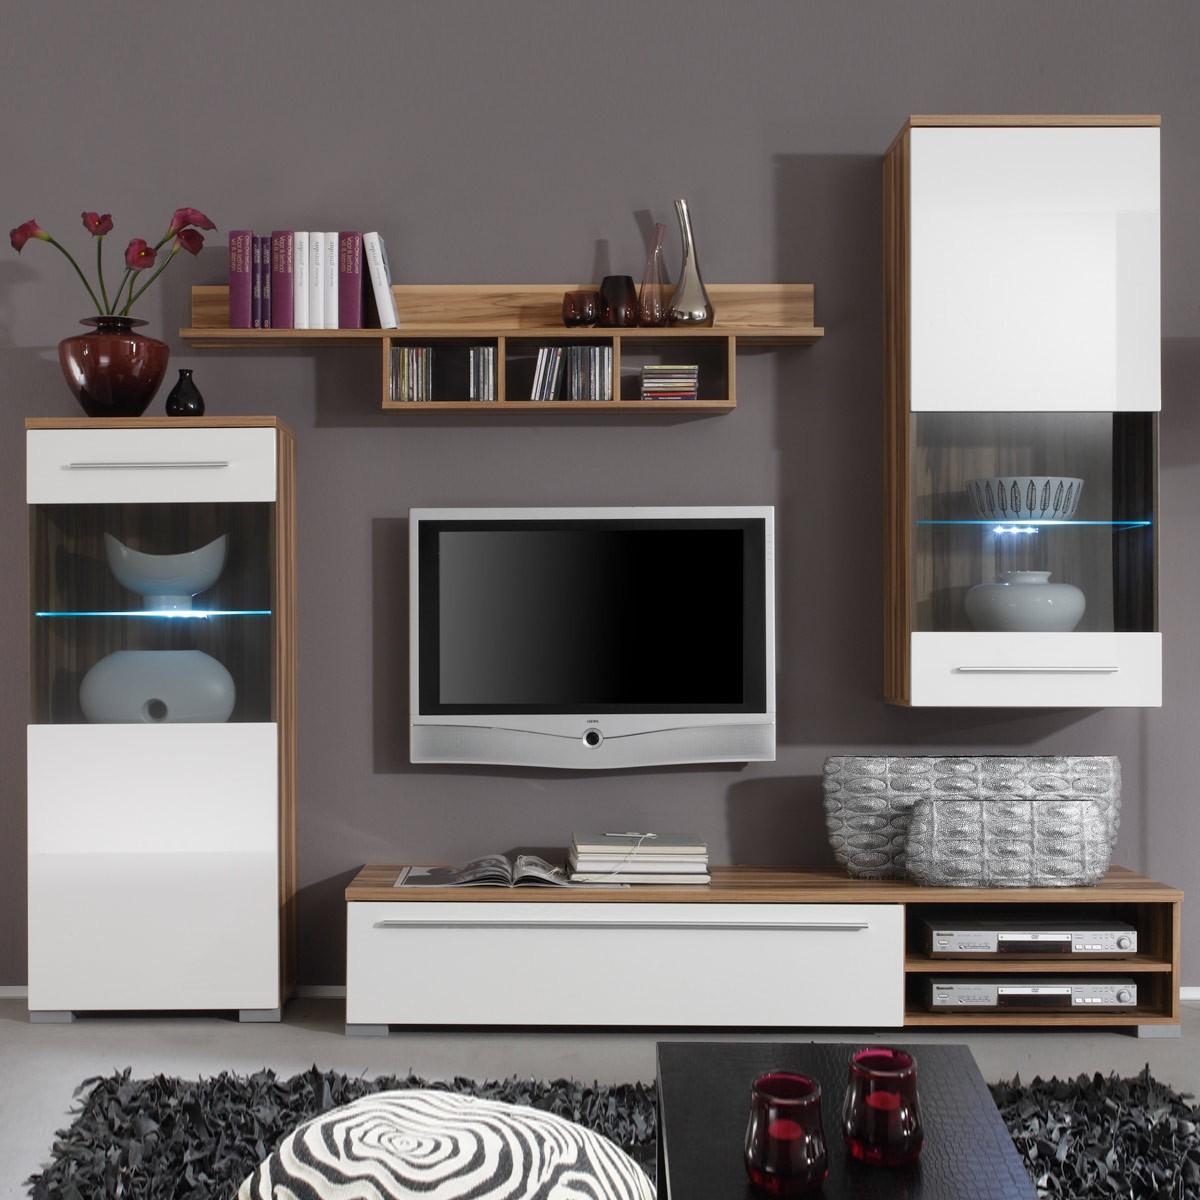 schrankw nde wohnw nde home immoviva design und luxus f r ihr zuhause. Black Bedroom Furniture Sets. Home Design Ideas